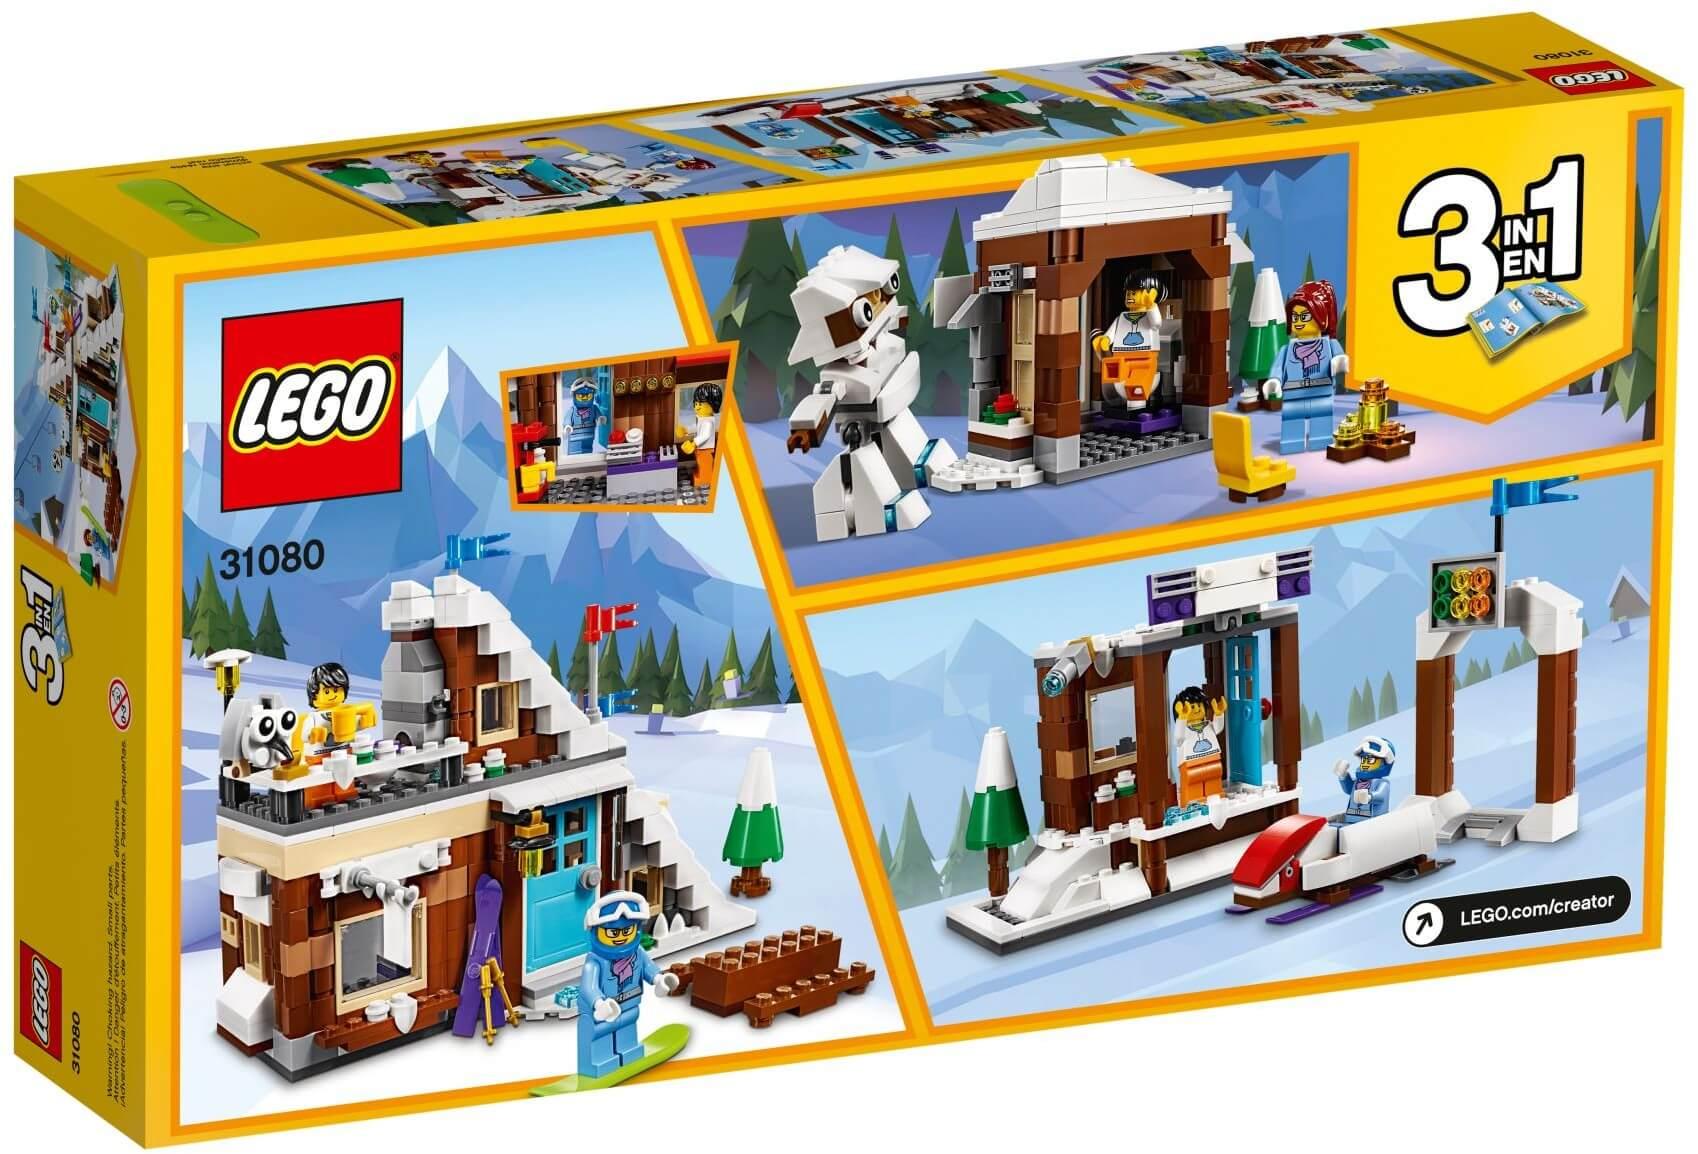 Mua đồ chơi LEGO 31080 - LEGO Creator 31080 - Ngôi Nhà Tuyết Mô hình 3-trong-1 (LEGO Creator 31080 Modular Winter Vacation)